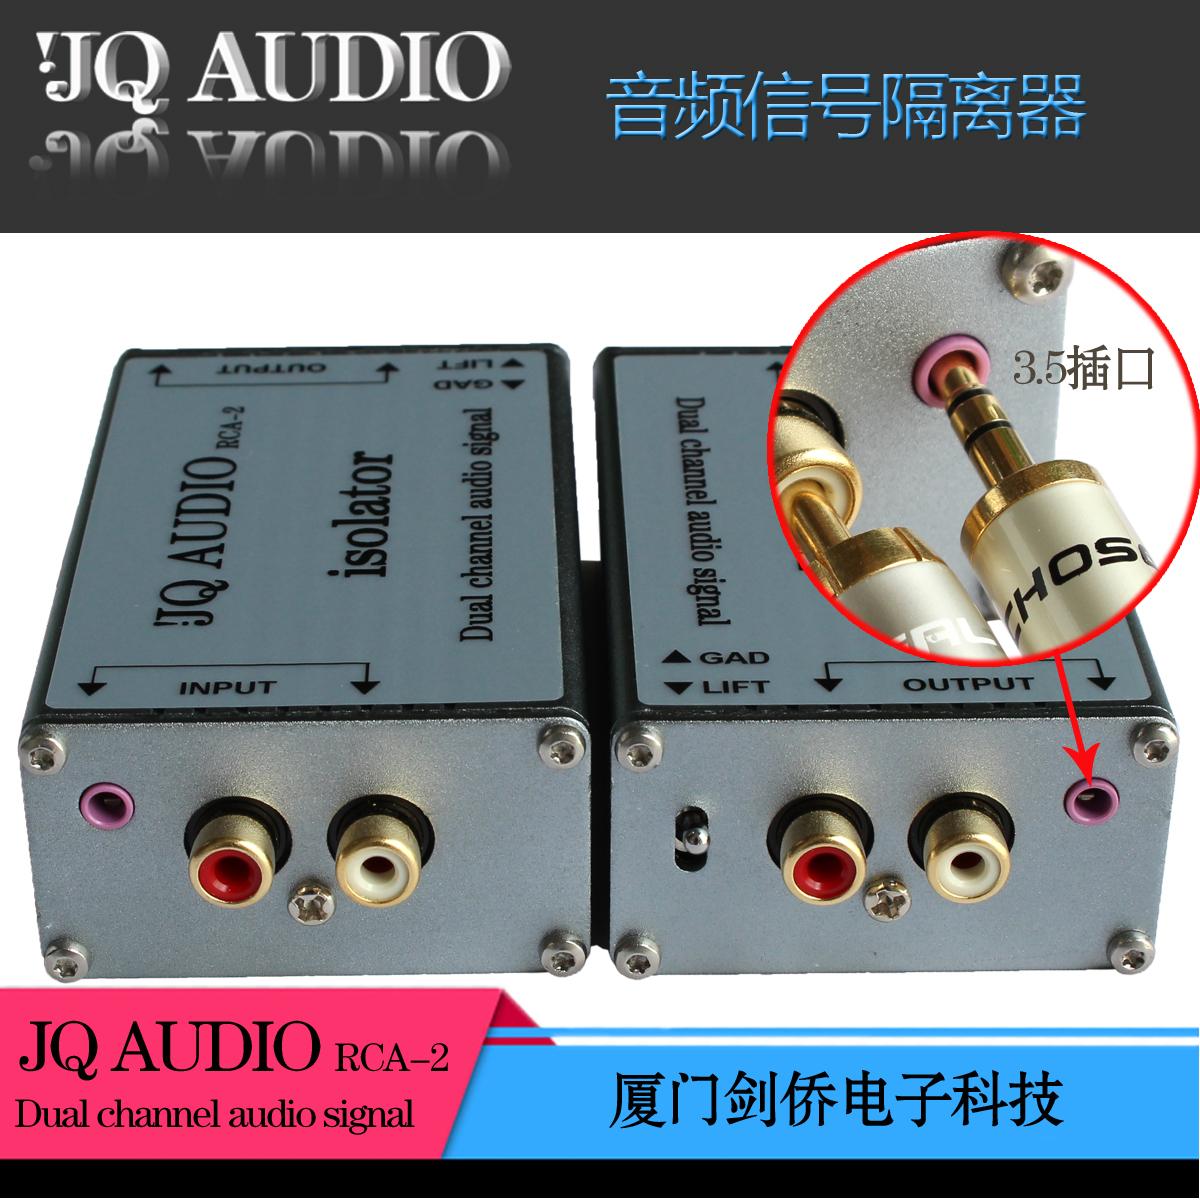 Звуковая частота изоляция устройство RCA вводить RCA из звуковая частота фильтр волна устройство звук электрический ток звук фильтр волна устройство